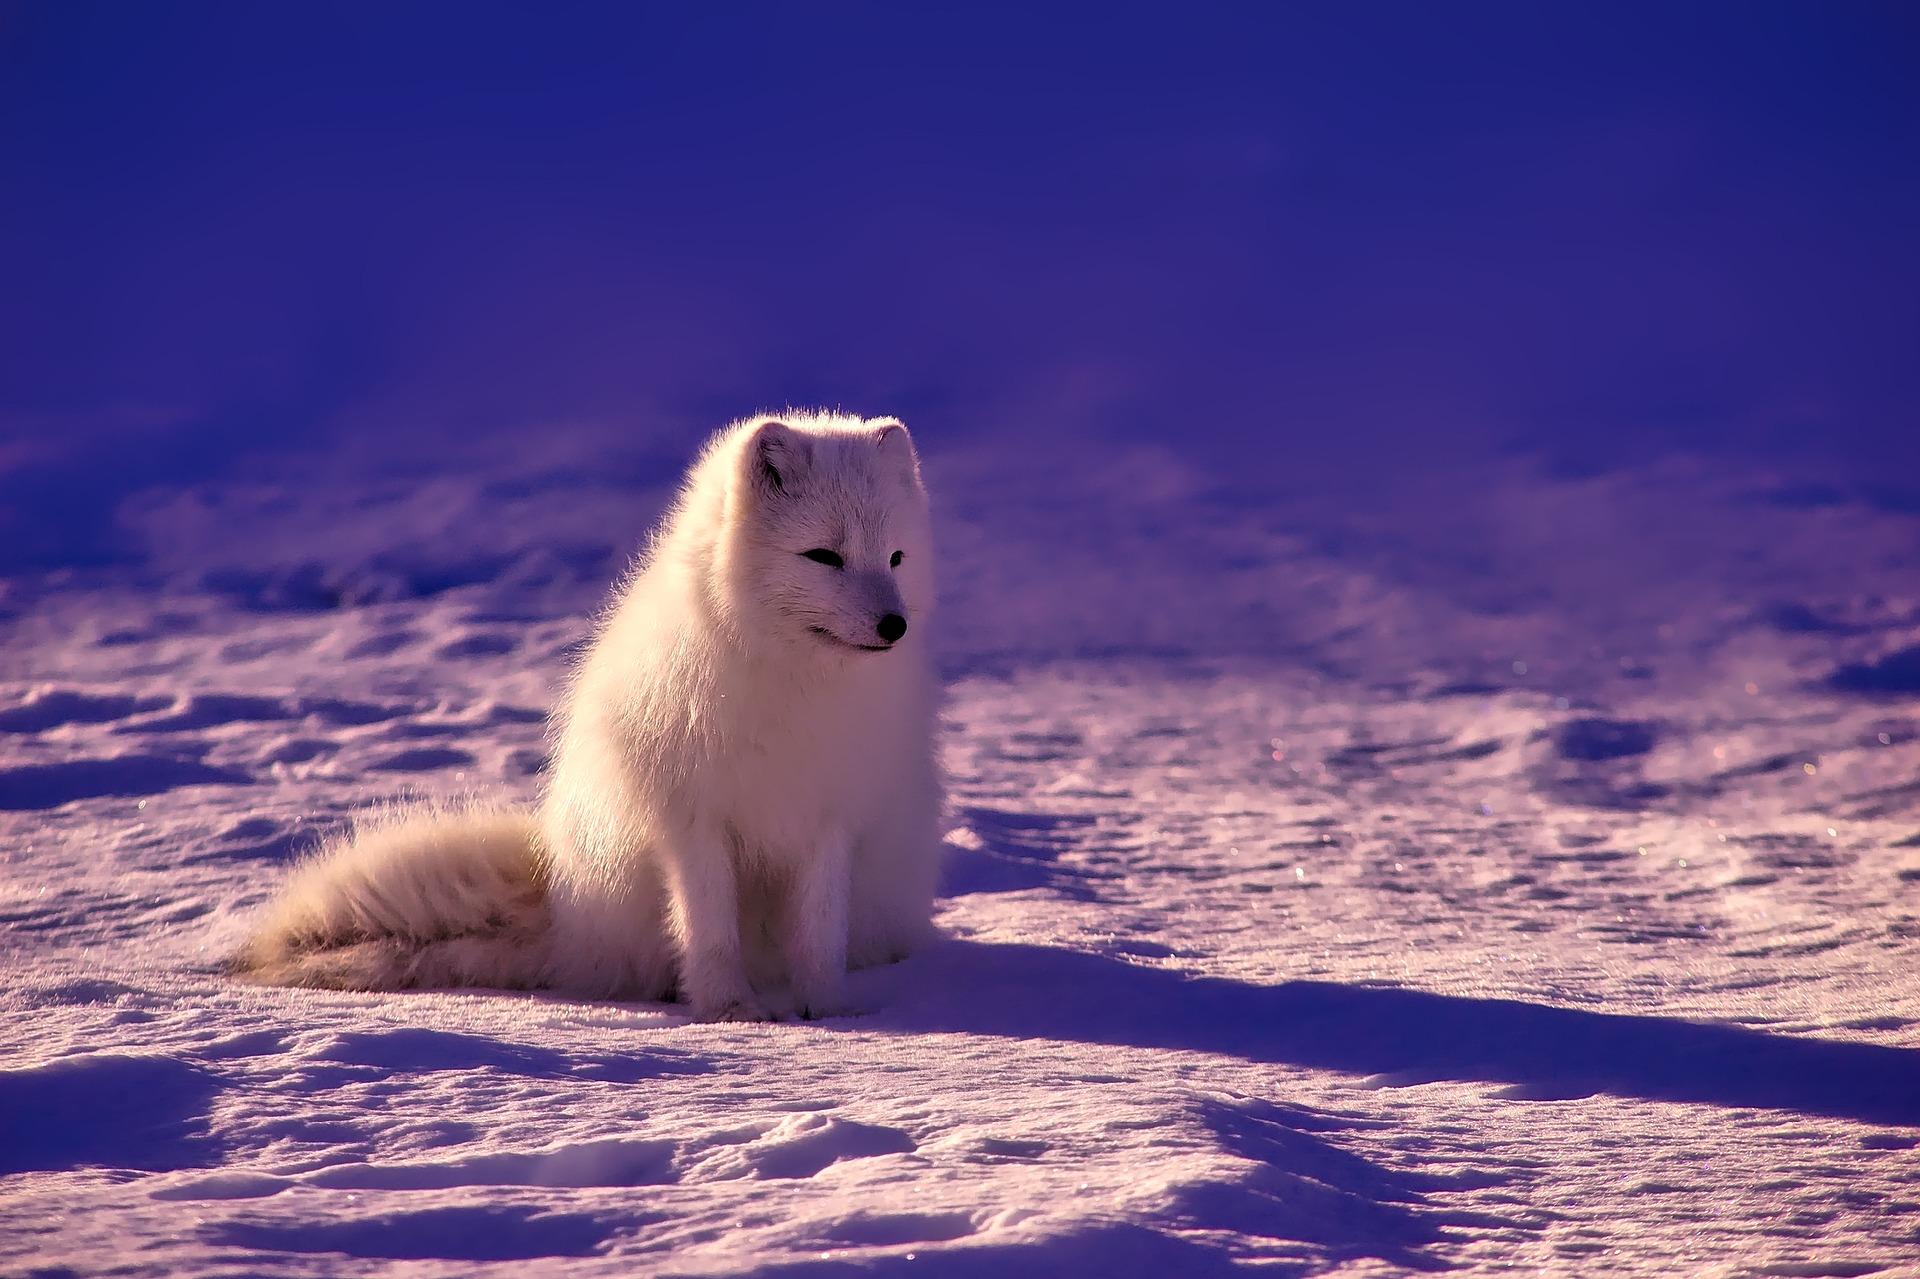 Polarfuchs - polar fox